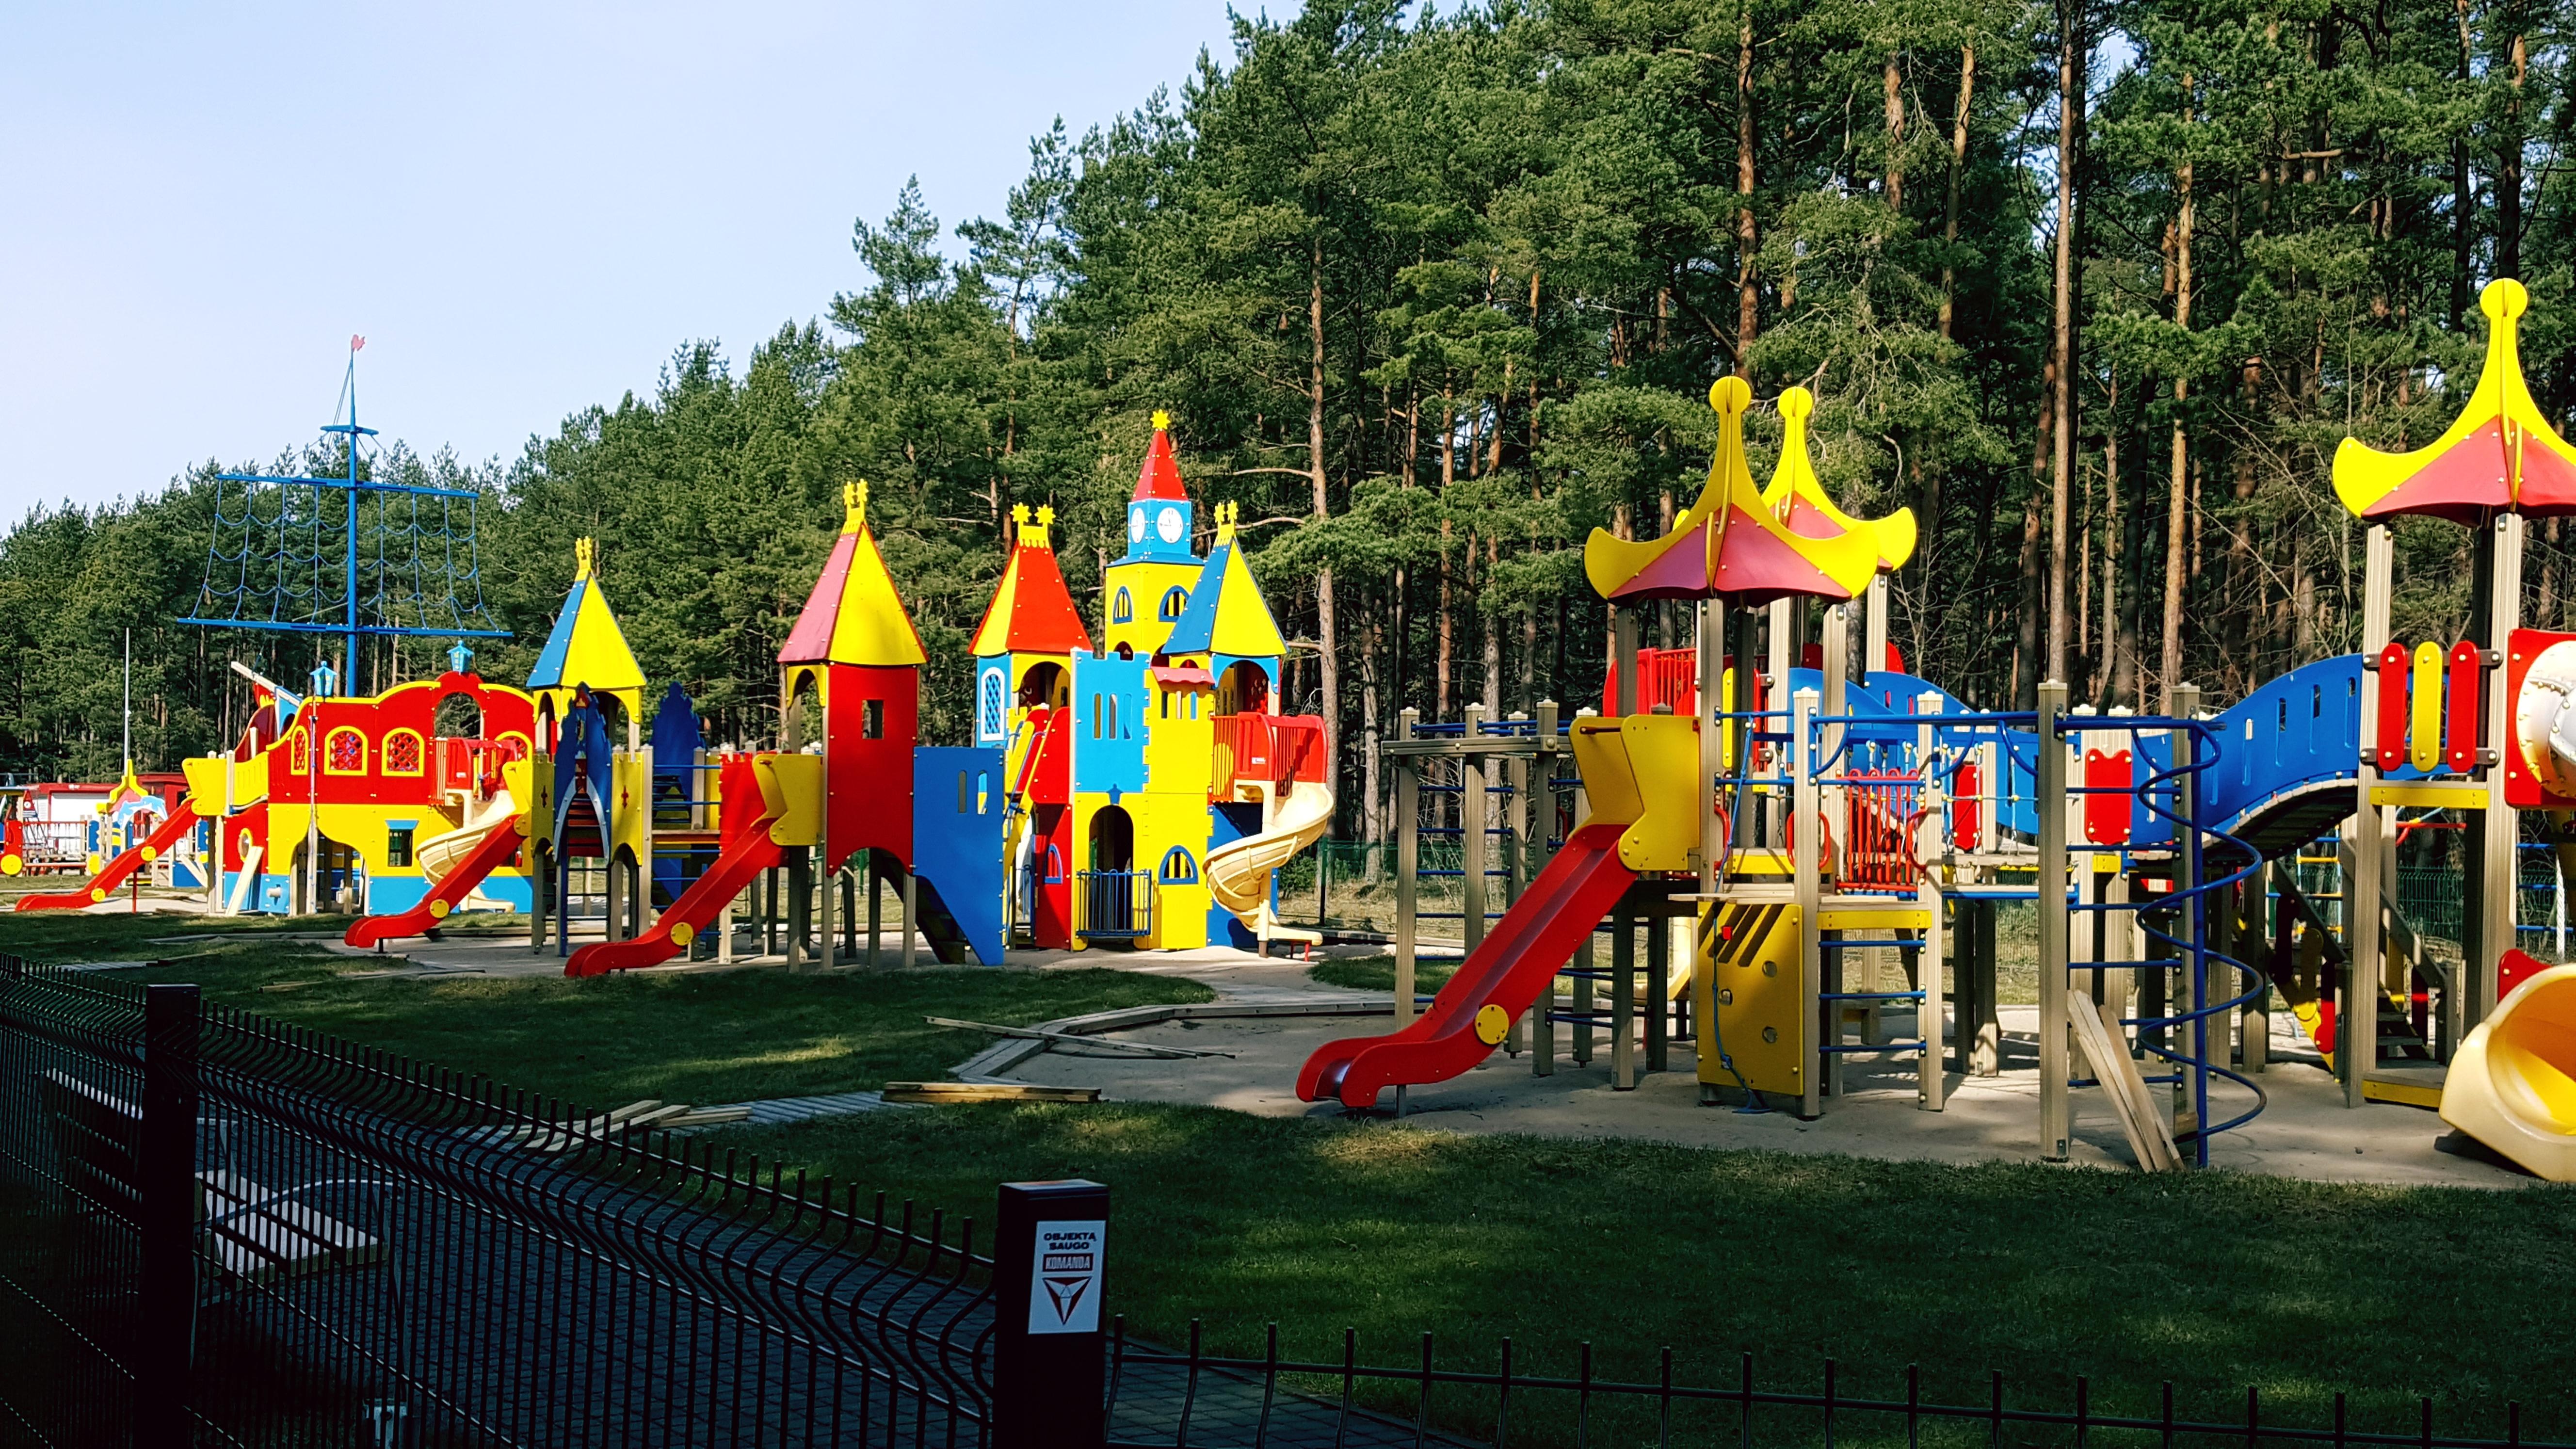 Vaikų žaidimo aikštelė netoli mūsų / children's playground near us /  детская игровая площадка рядом с нами